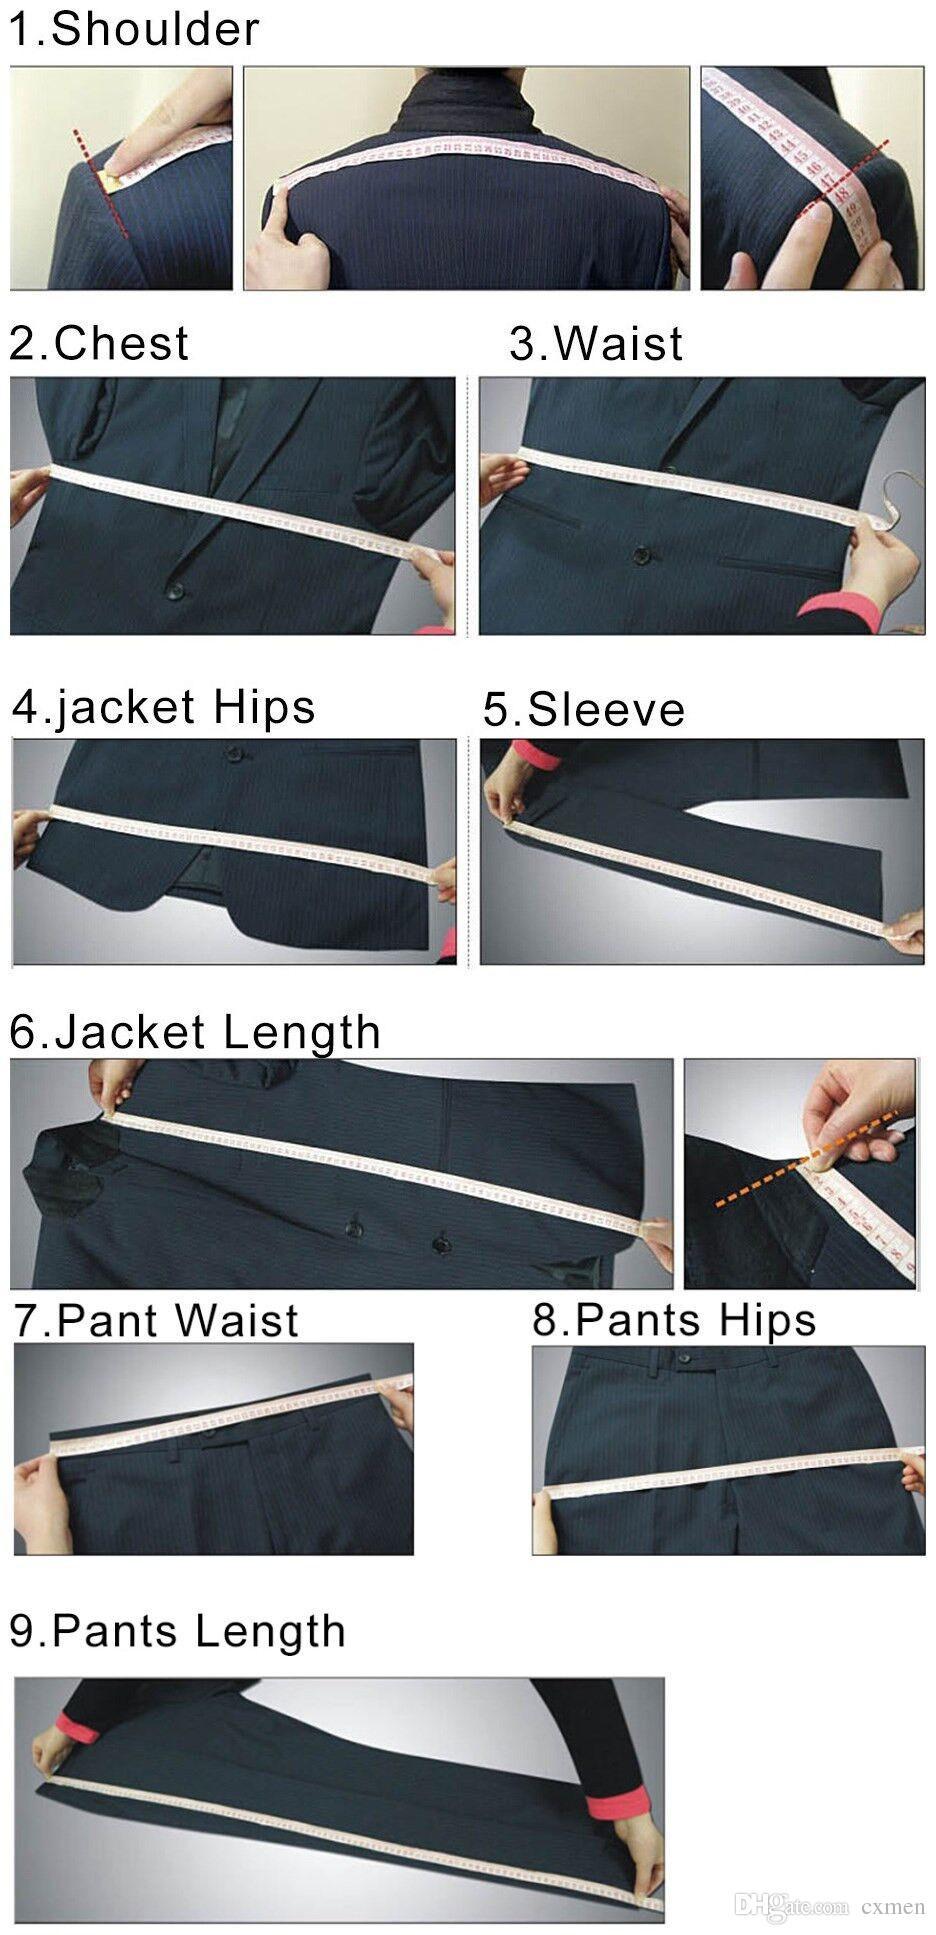 Yüksek Kaliteli Özel Lacivert Erkekler Suit Düğün Yakışıklı Damat Takım Elbise Smokin Gri Slim Fit Mens Blazer İş Prom 3 Adet Ceket + Pantolon + Yelek